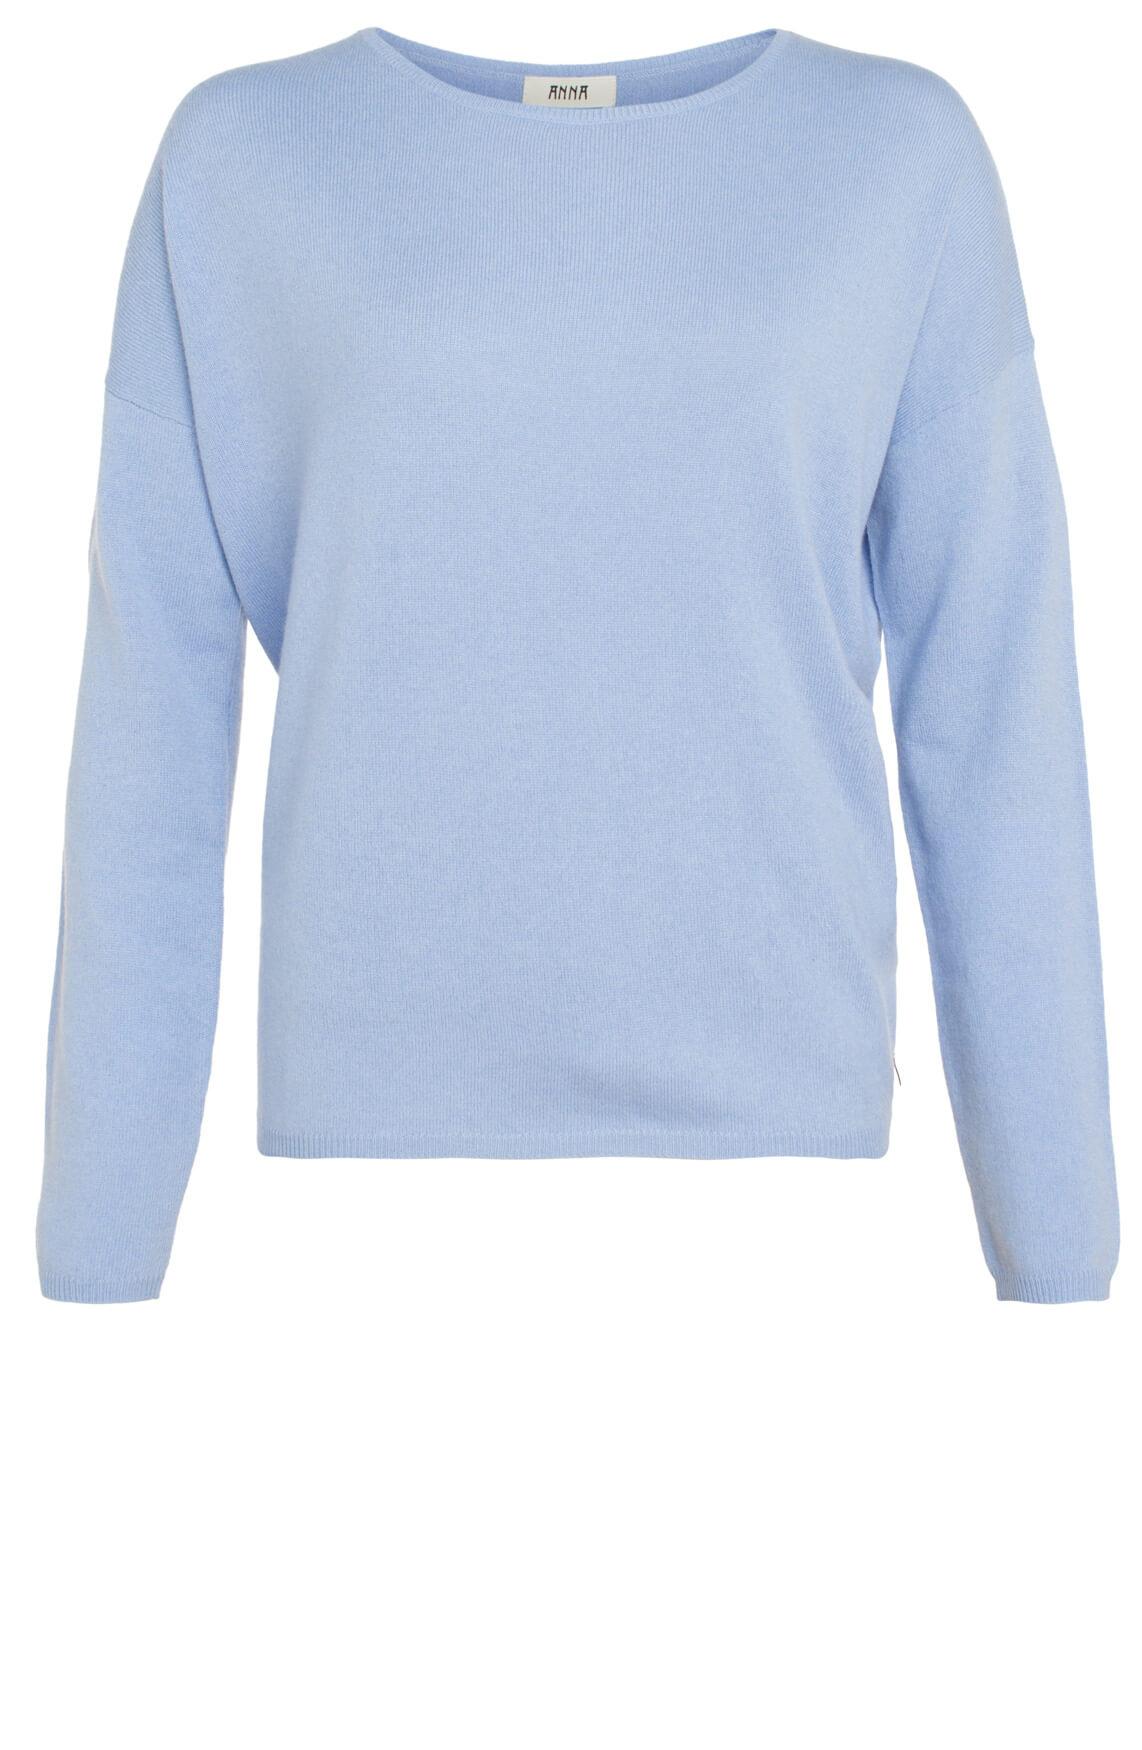 Anna Dames Cashmere pullover blauw Blauw